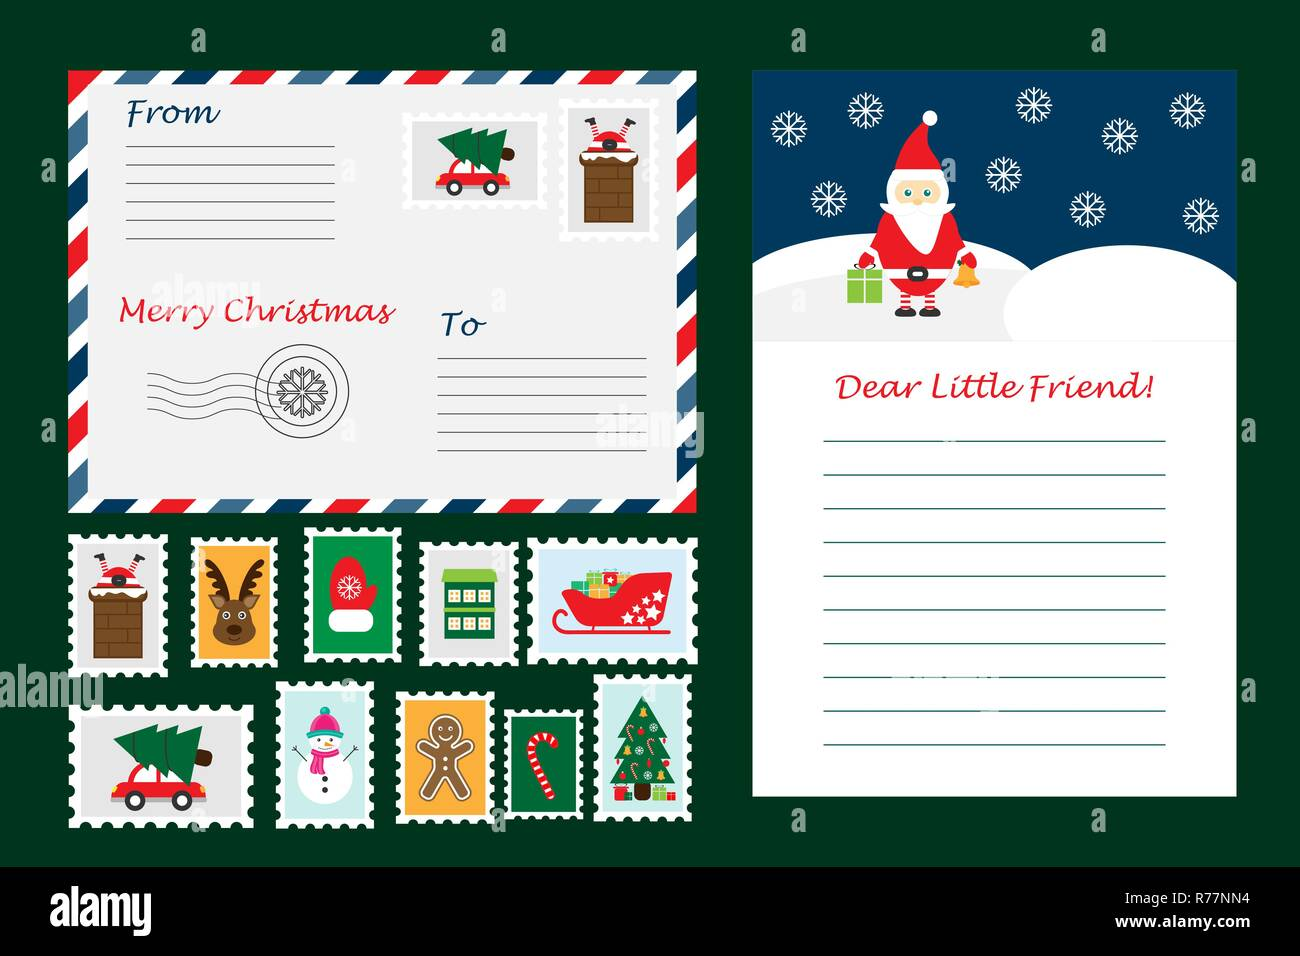 Weihnachten Der Brief Vom Weihnachtsmann Umschläge Und Briefmarken